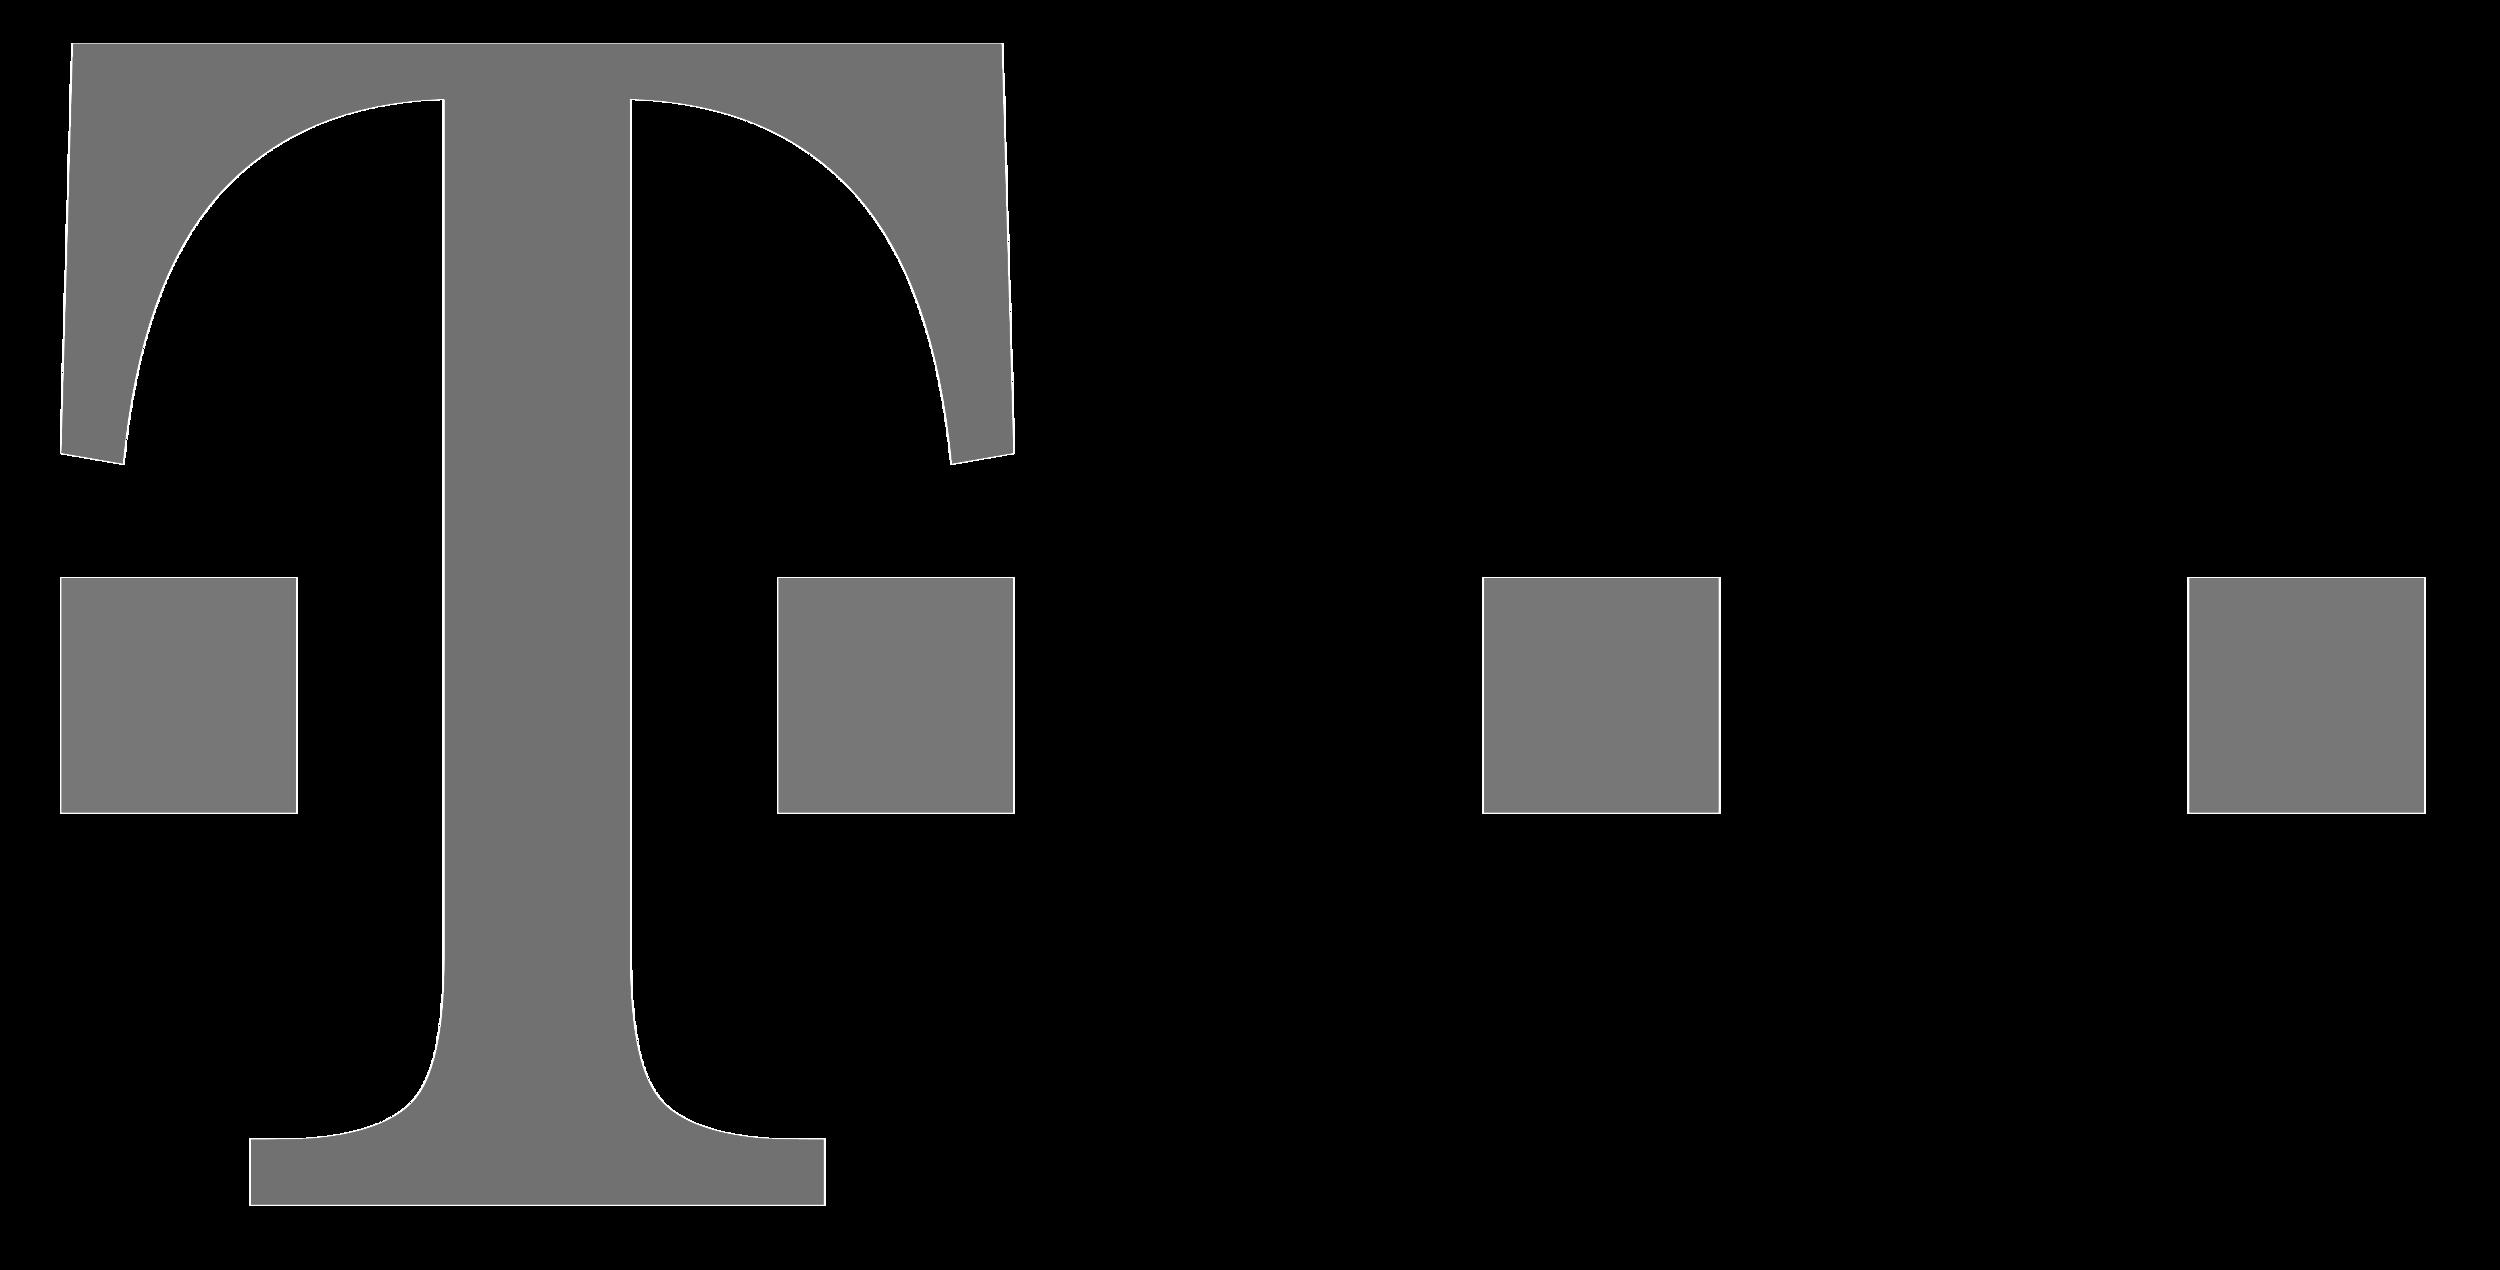 Deutsche_Telekom_logo_logotype.png